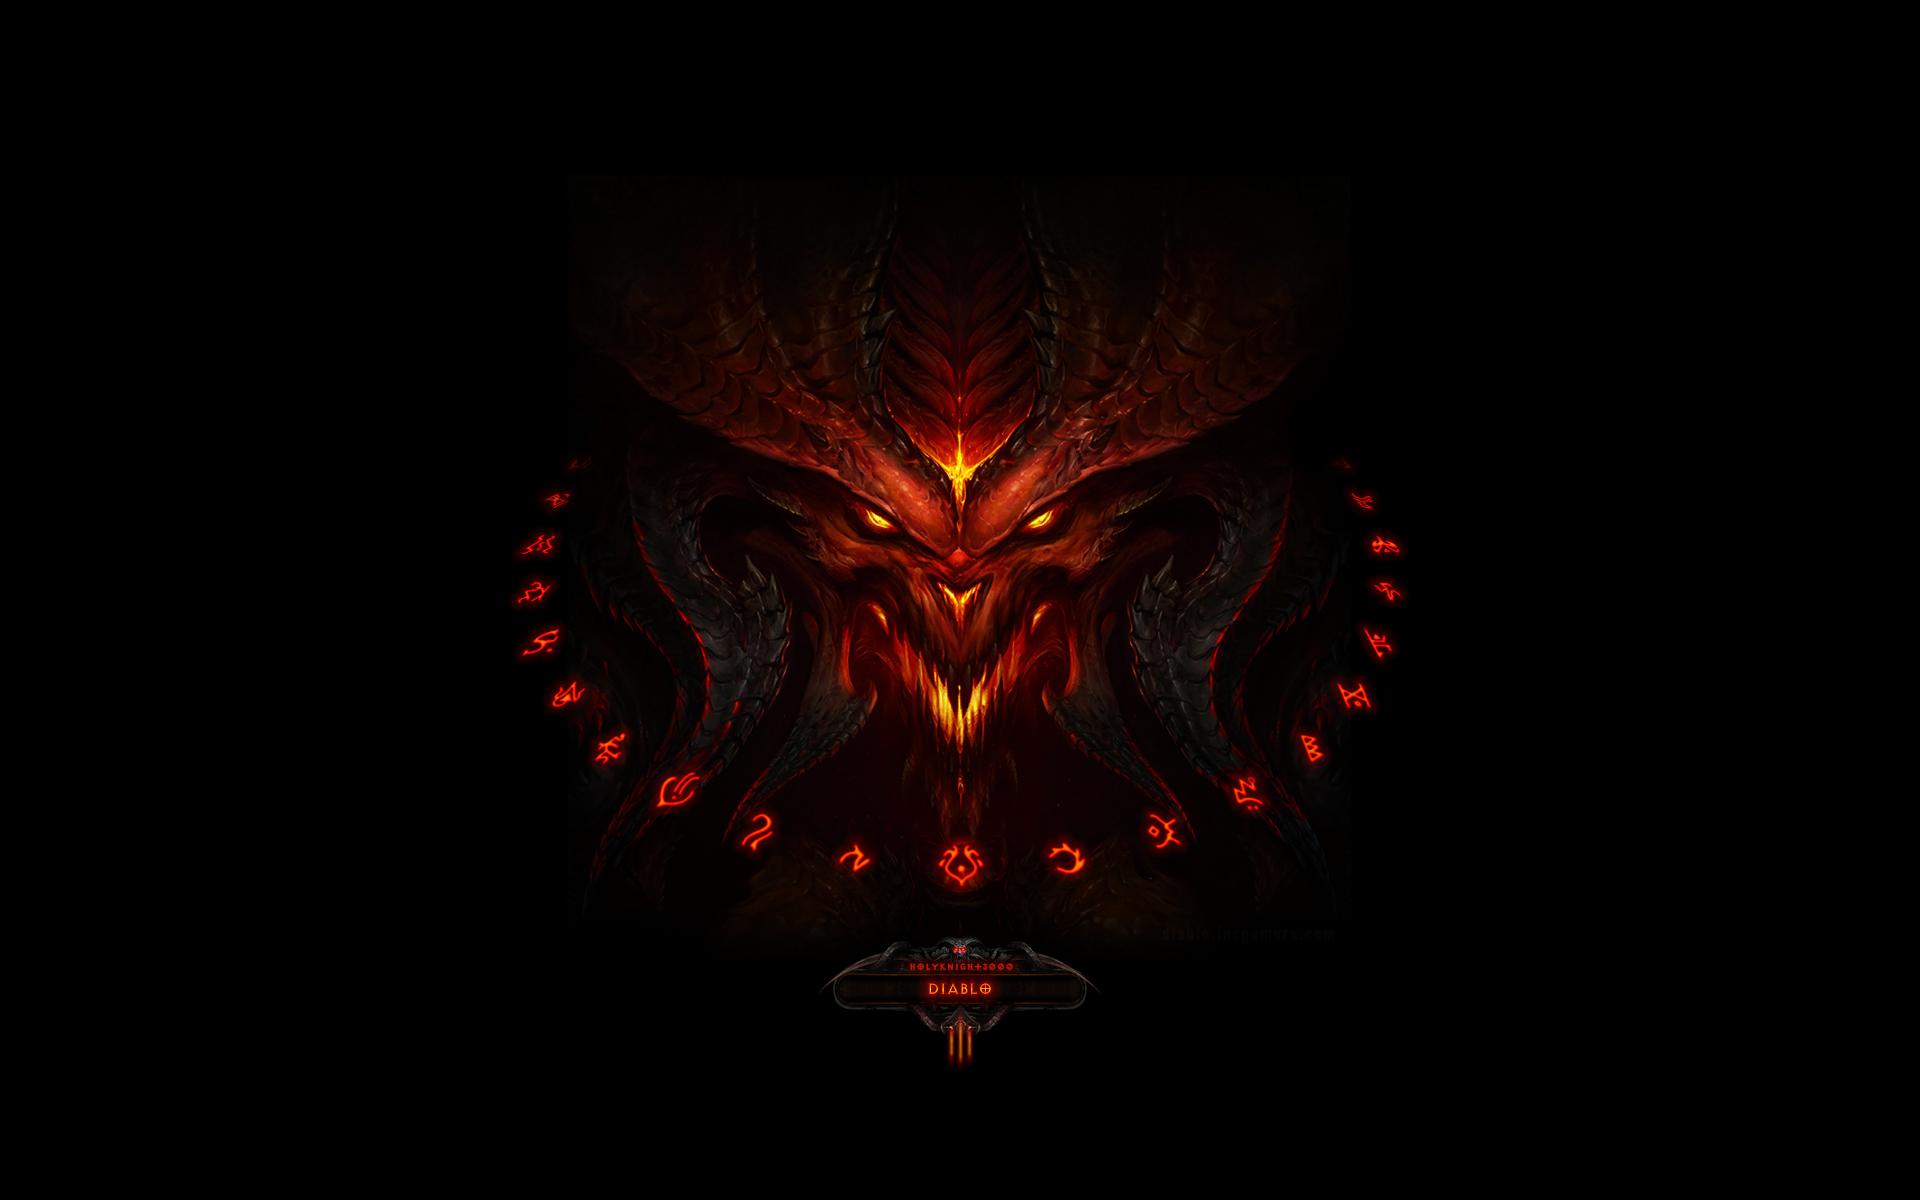 Игры, похожие на серию: Diablo